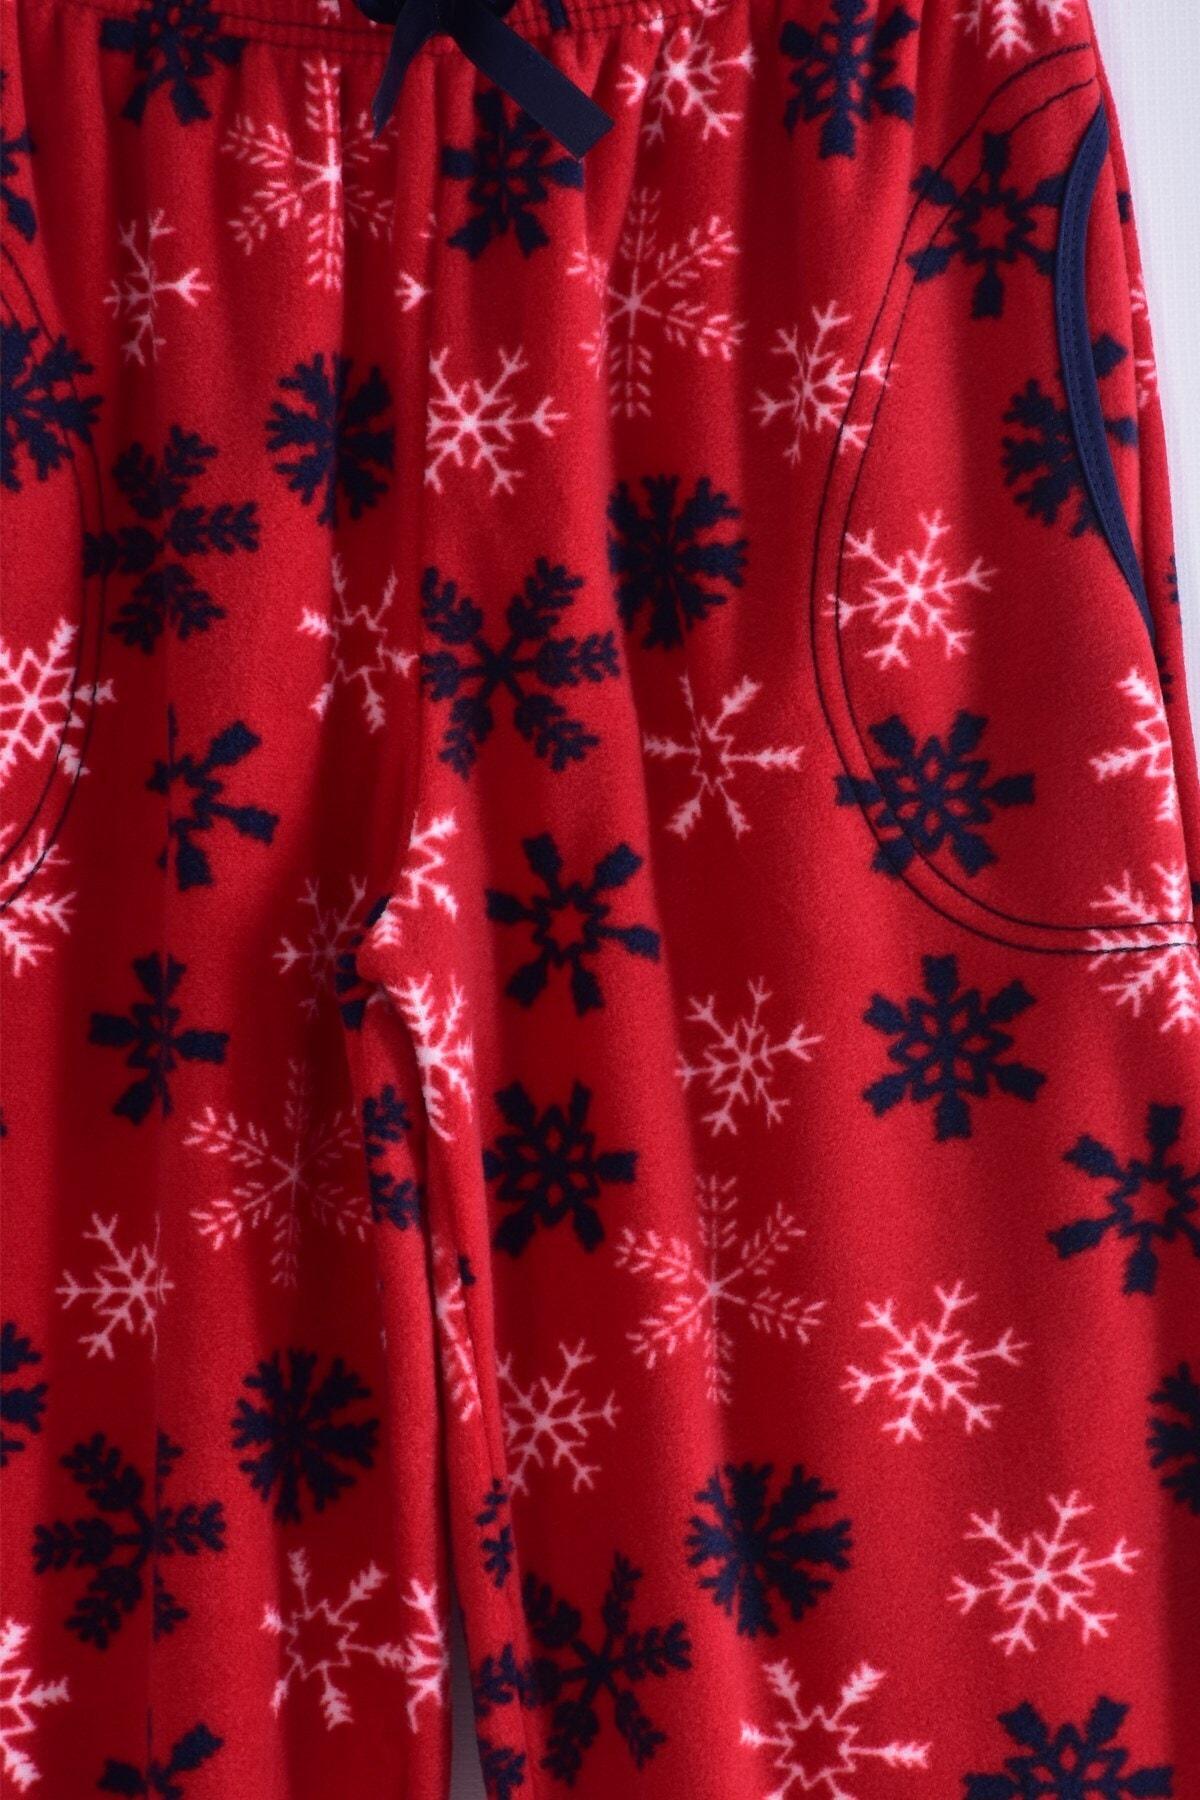 Pemilo Kadın Bordo Büyük Beden Cepli Welsoft Polar Pijama Tek Alt 245-03 2